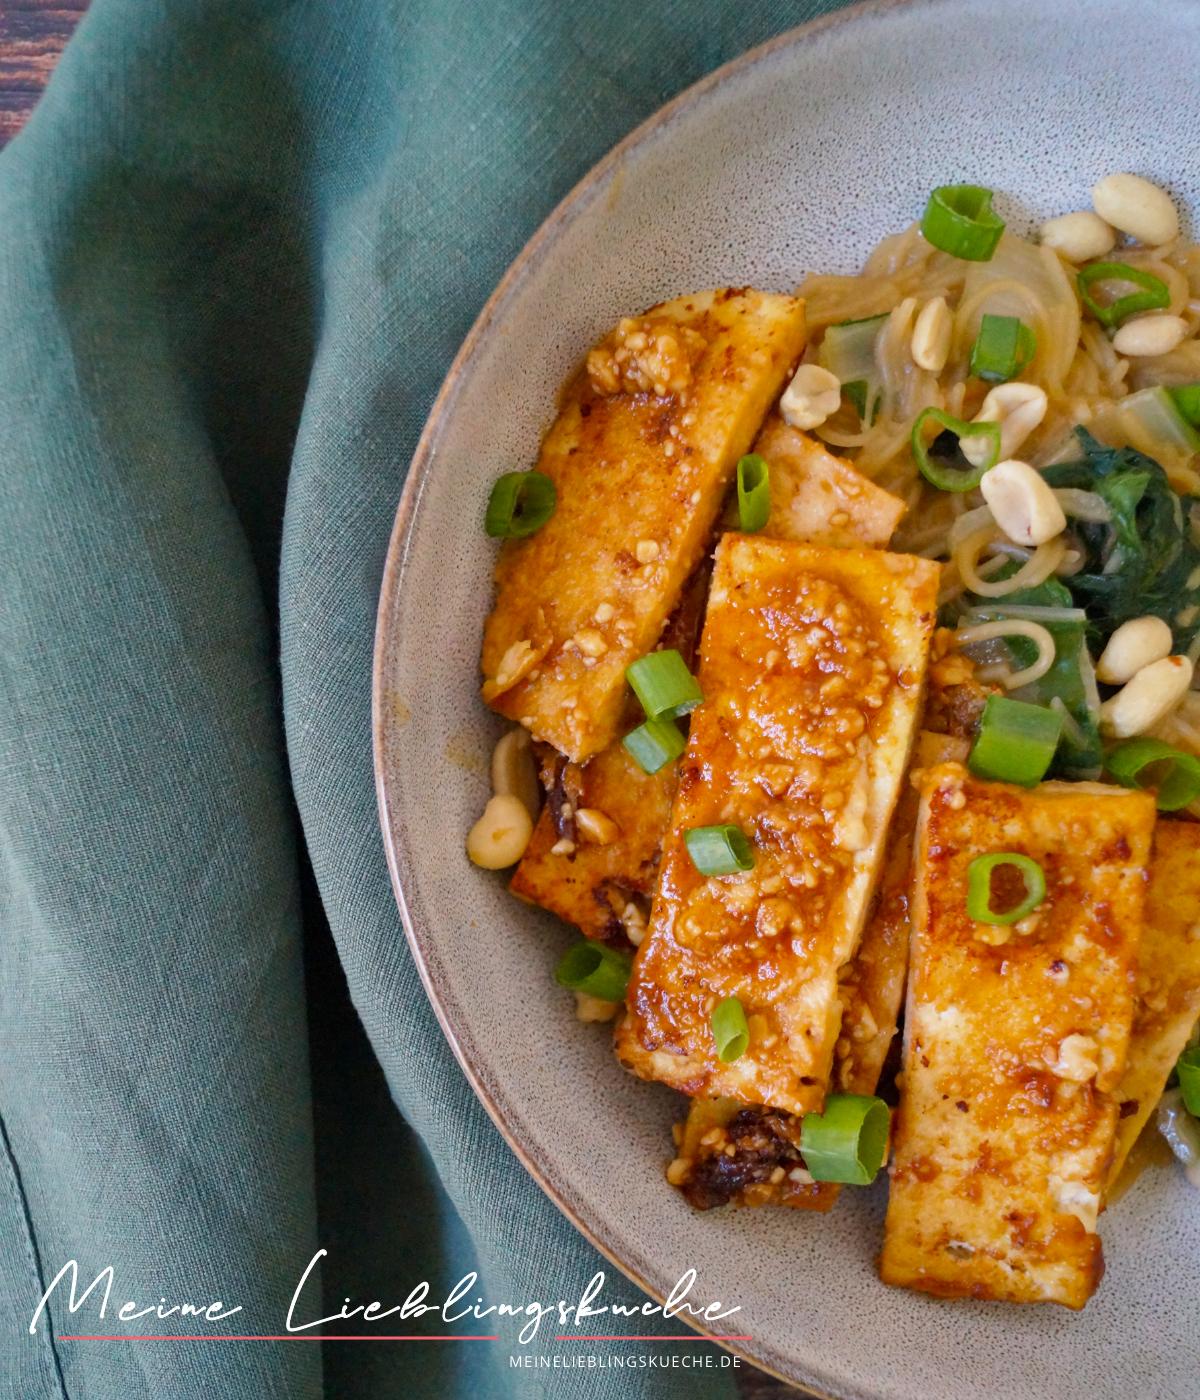 Reisnudel-Mangold-Pfanne mit Erdnuss-Sauce und Tofu